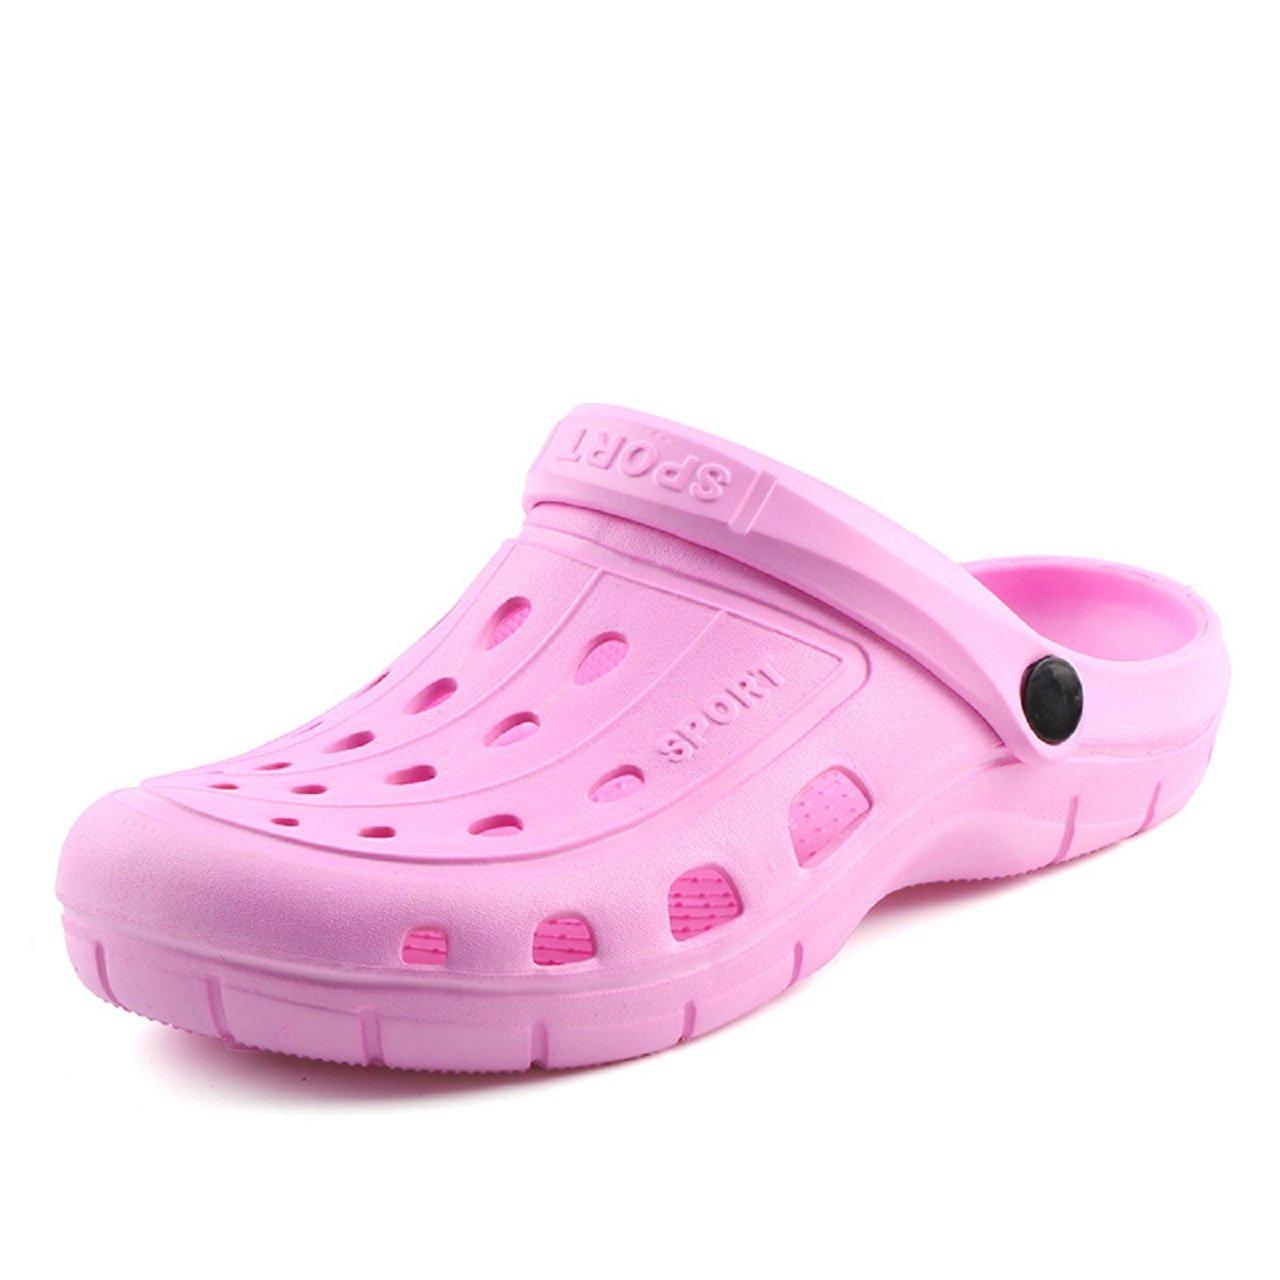 Kurop Women's Garden Shoes Summer Beach Sports EVA Clogs Sandal Slippers (7 US Womens, Pink) 39